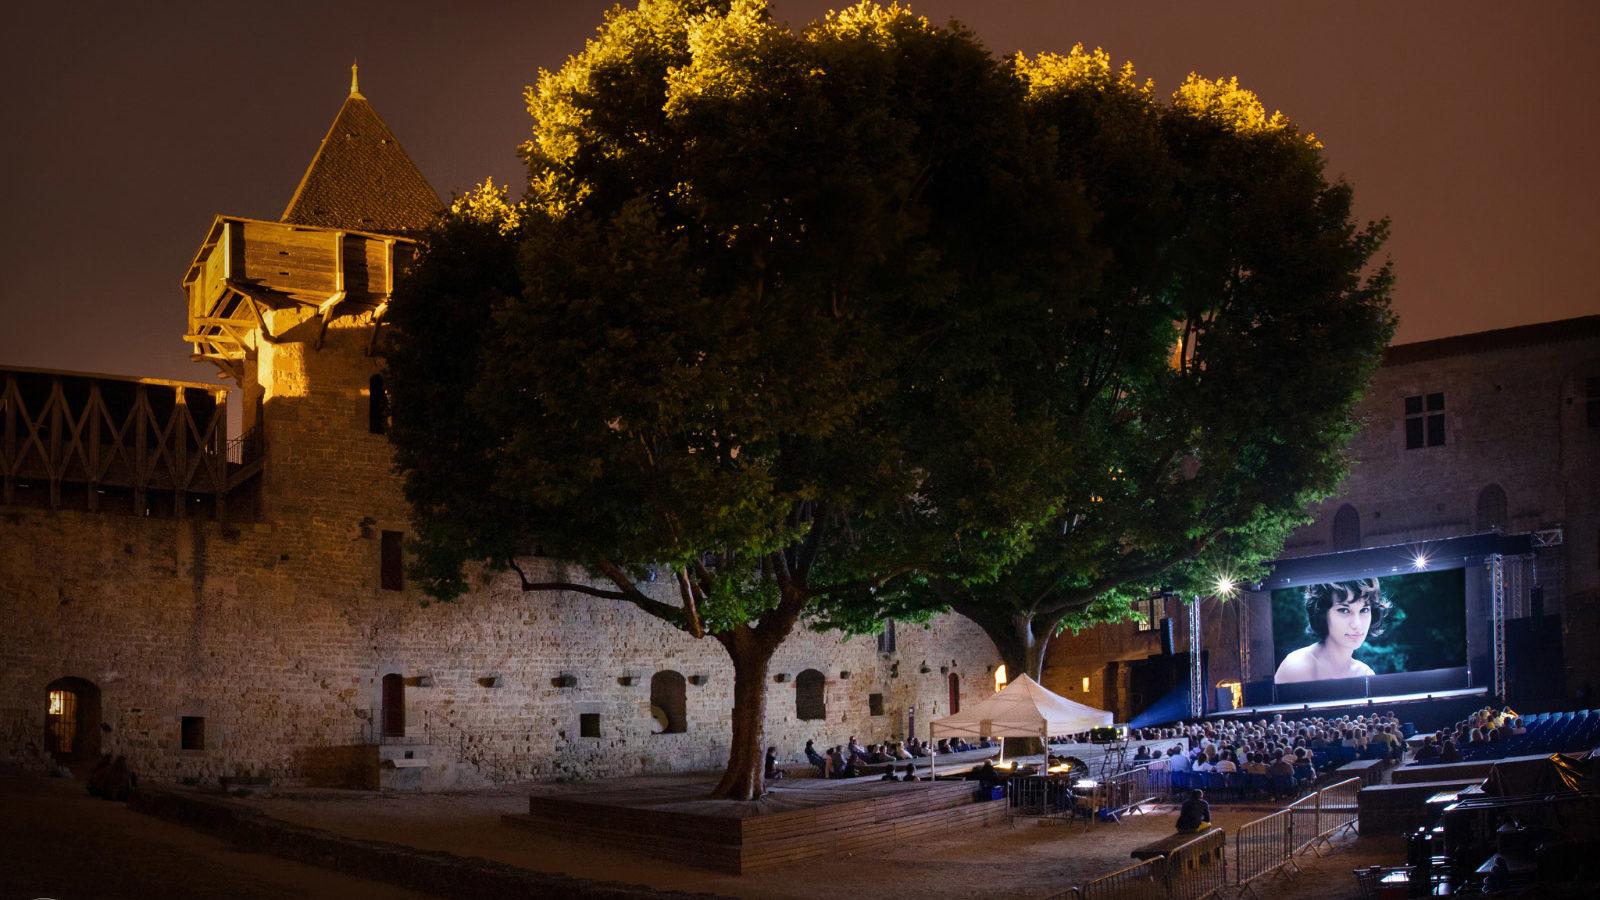 Projection en plein air de nuit sur grand écran d'un documentaire consacré à Bernadette Lafont dans la cour du Château Comtal de la Cité de carcassonne